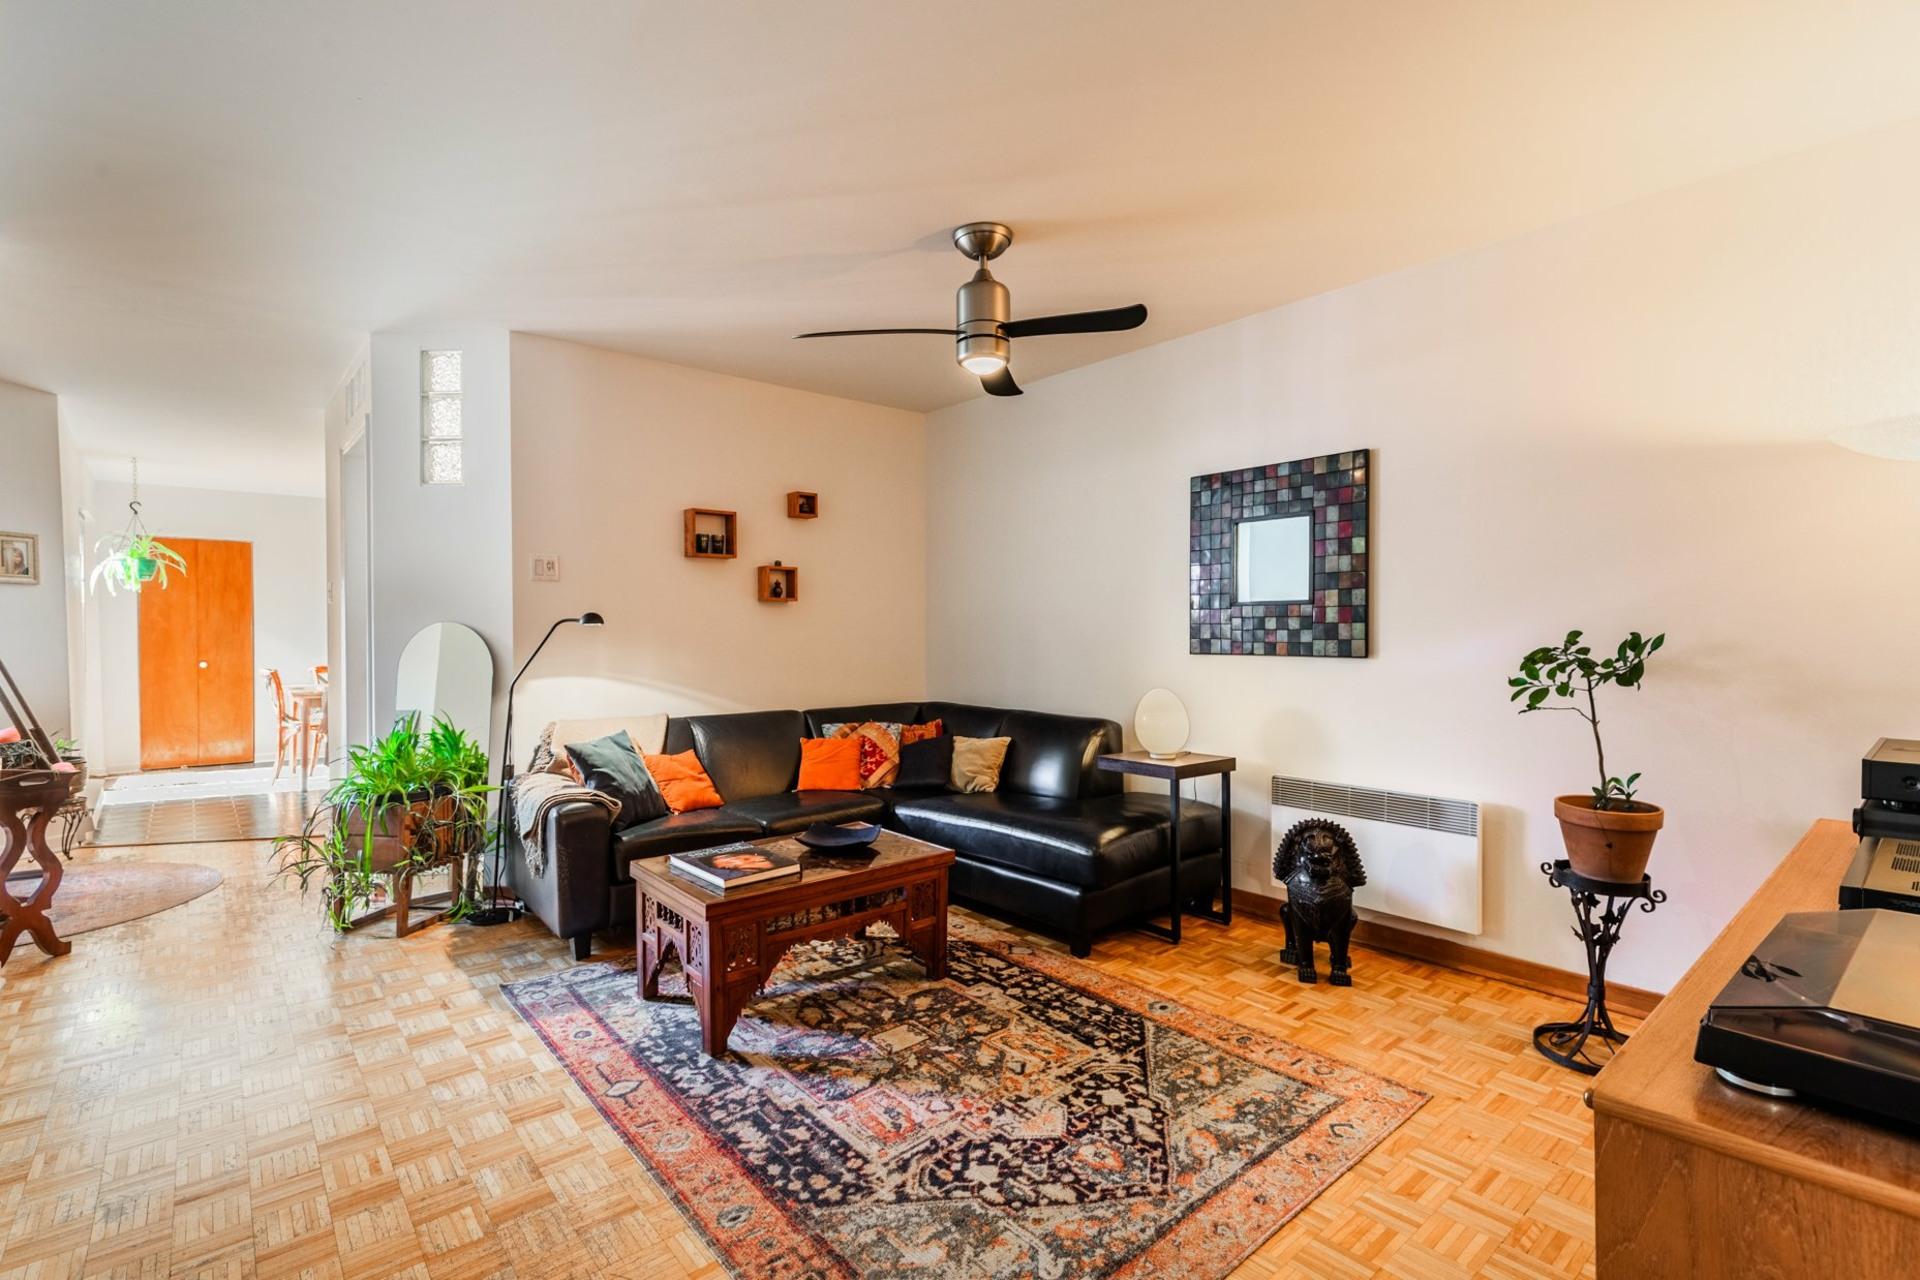 image 4 - Apartment For sale Le Plateau-Mont-Royal Montréal  - 6 rooms